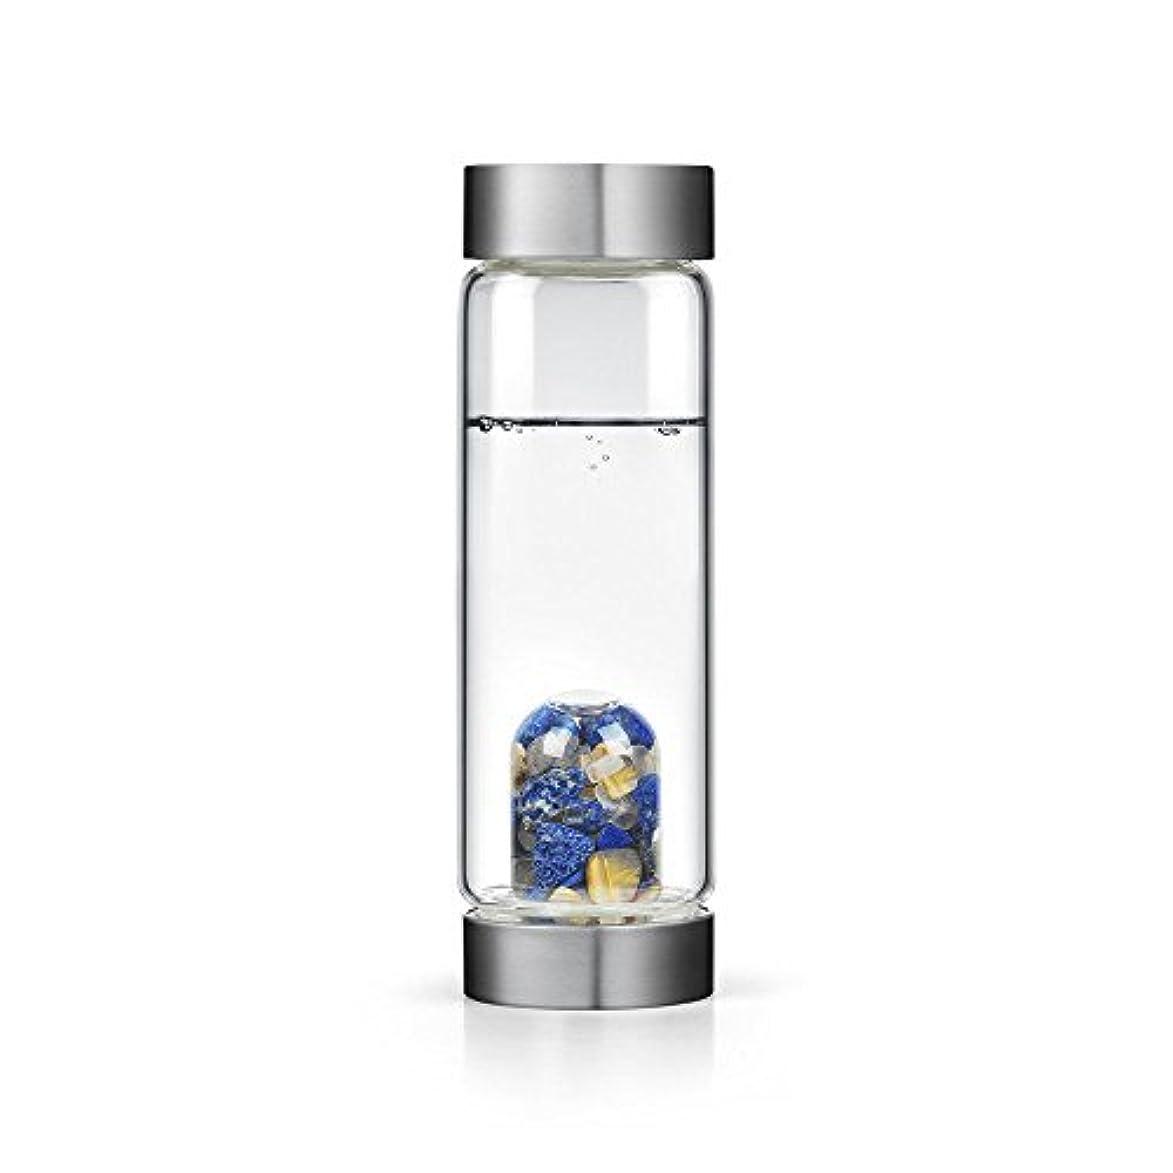 精算主張神秘インスピレーションgem-waterボトルby VitaJuwel W / Freeカリフォルニアホワイトセージバンドル 16.9 fl oz